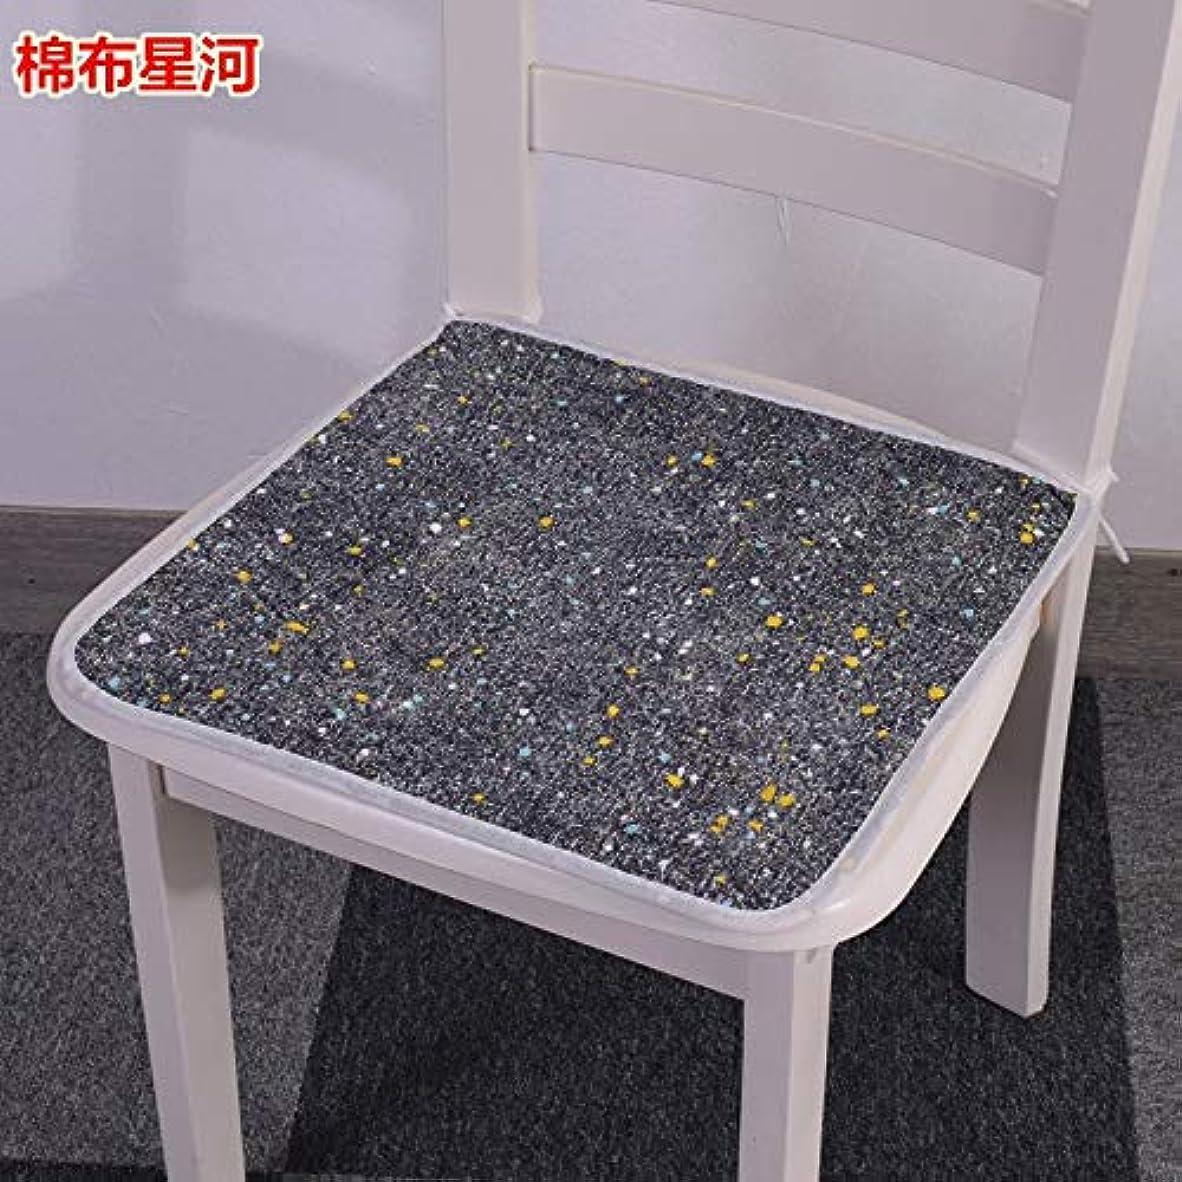 強制的おとこ仲介者LIFE 現代スーパーソフト椅子クッション非スリップシートクッションマットソファホームデコレーションバッククッションチェアパッド 40*40/45*45/50*50 センチメートル クッション 椅子